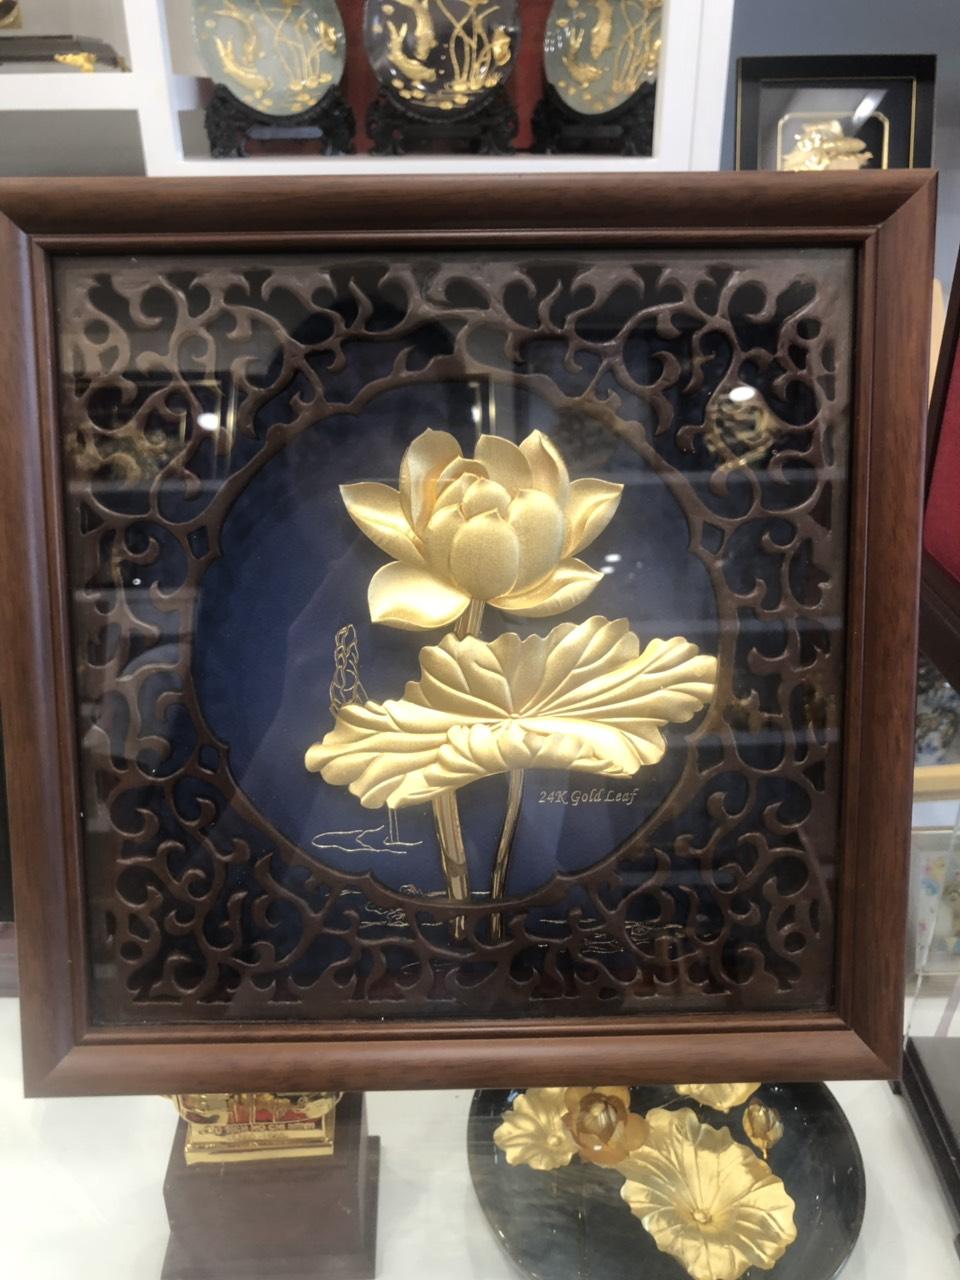 Quà tặng vợ- tranh hoa sen vàng lá 24k